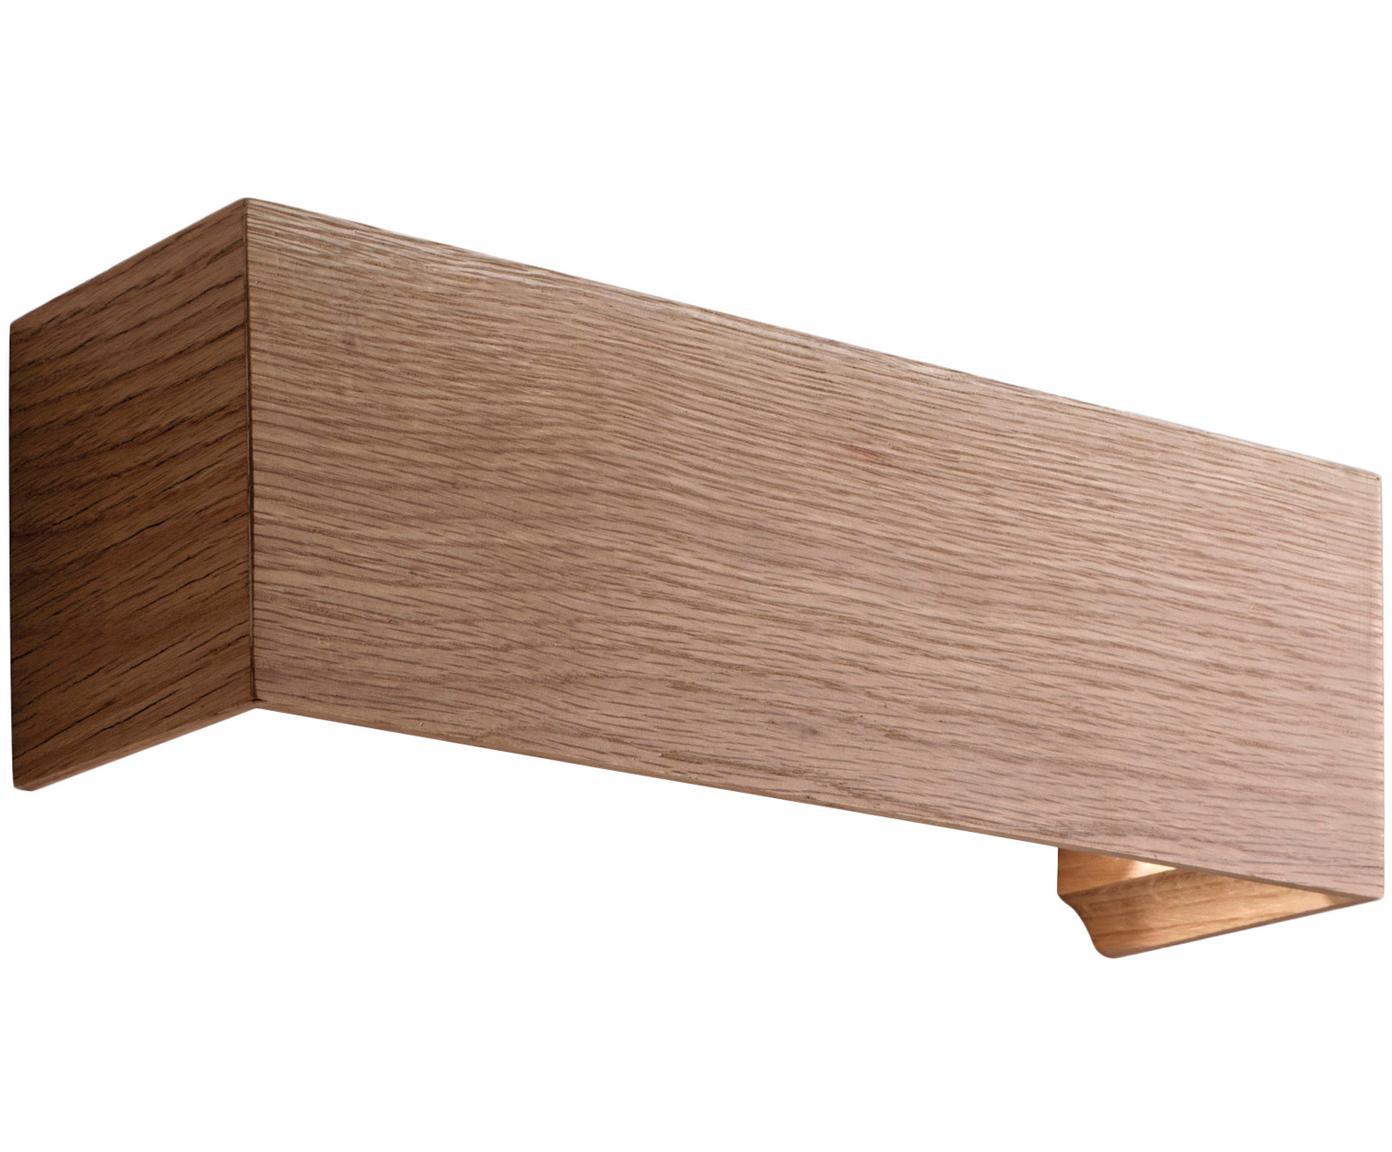 Kinkiet Badia, Drewno dębowe, S 38 x W 12 cm